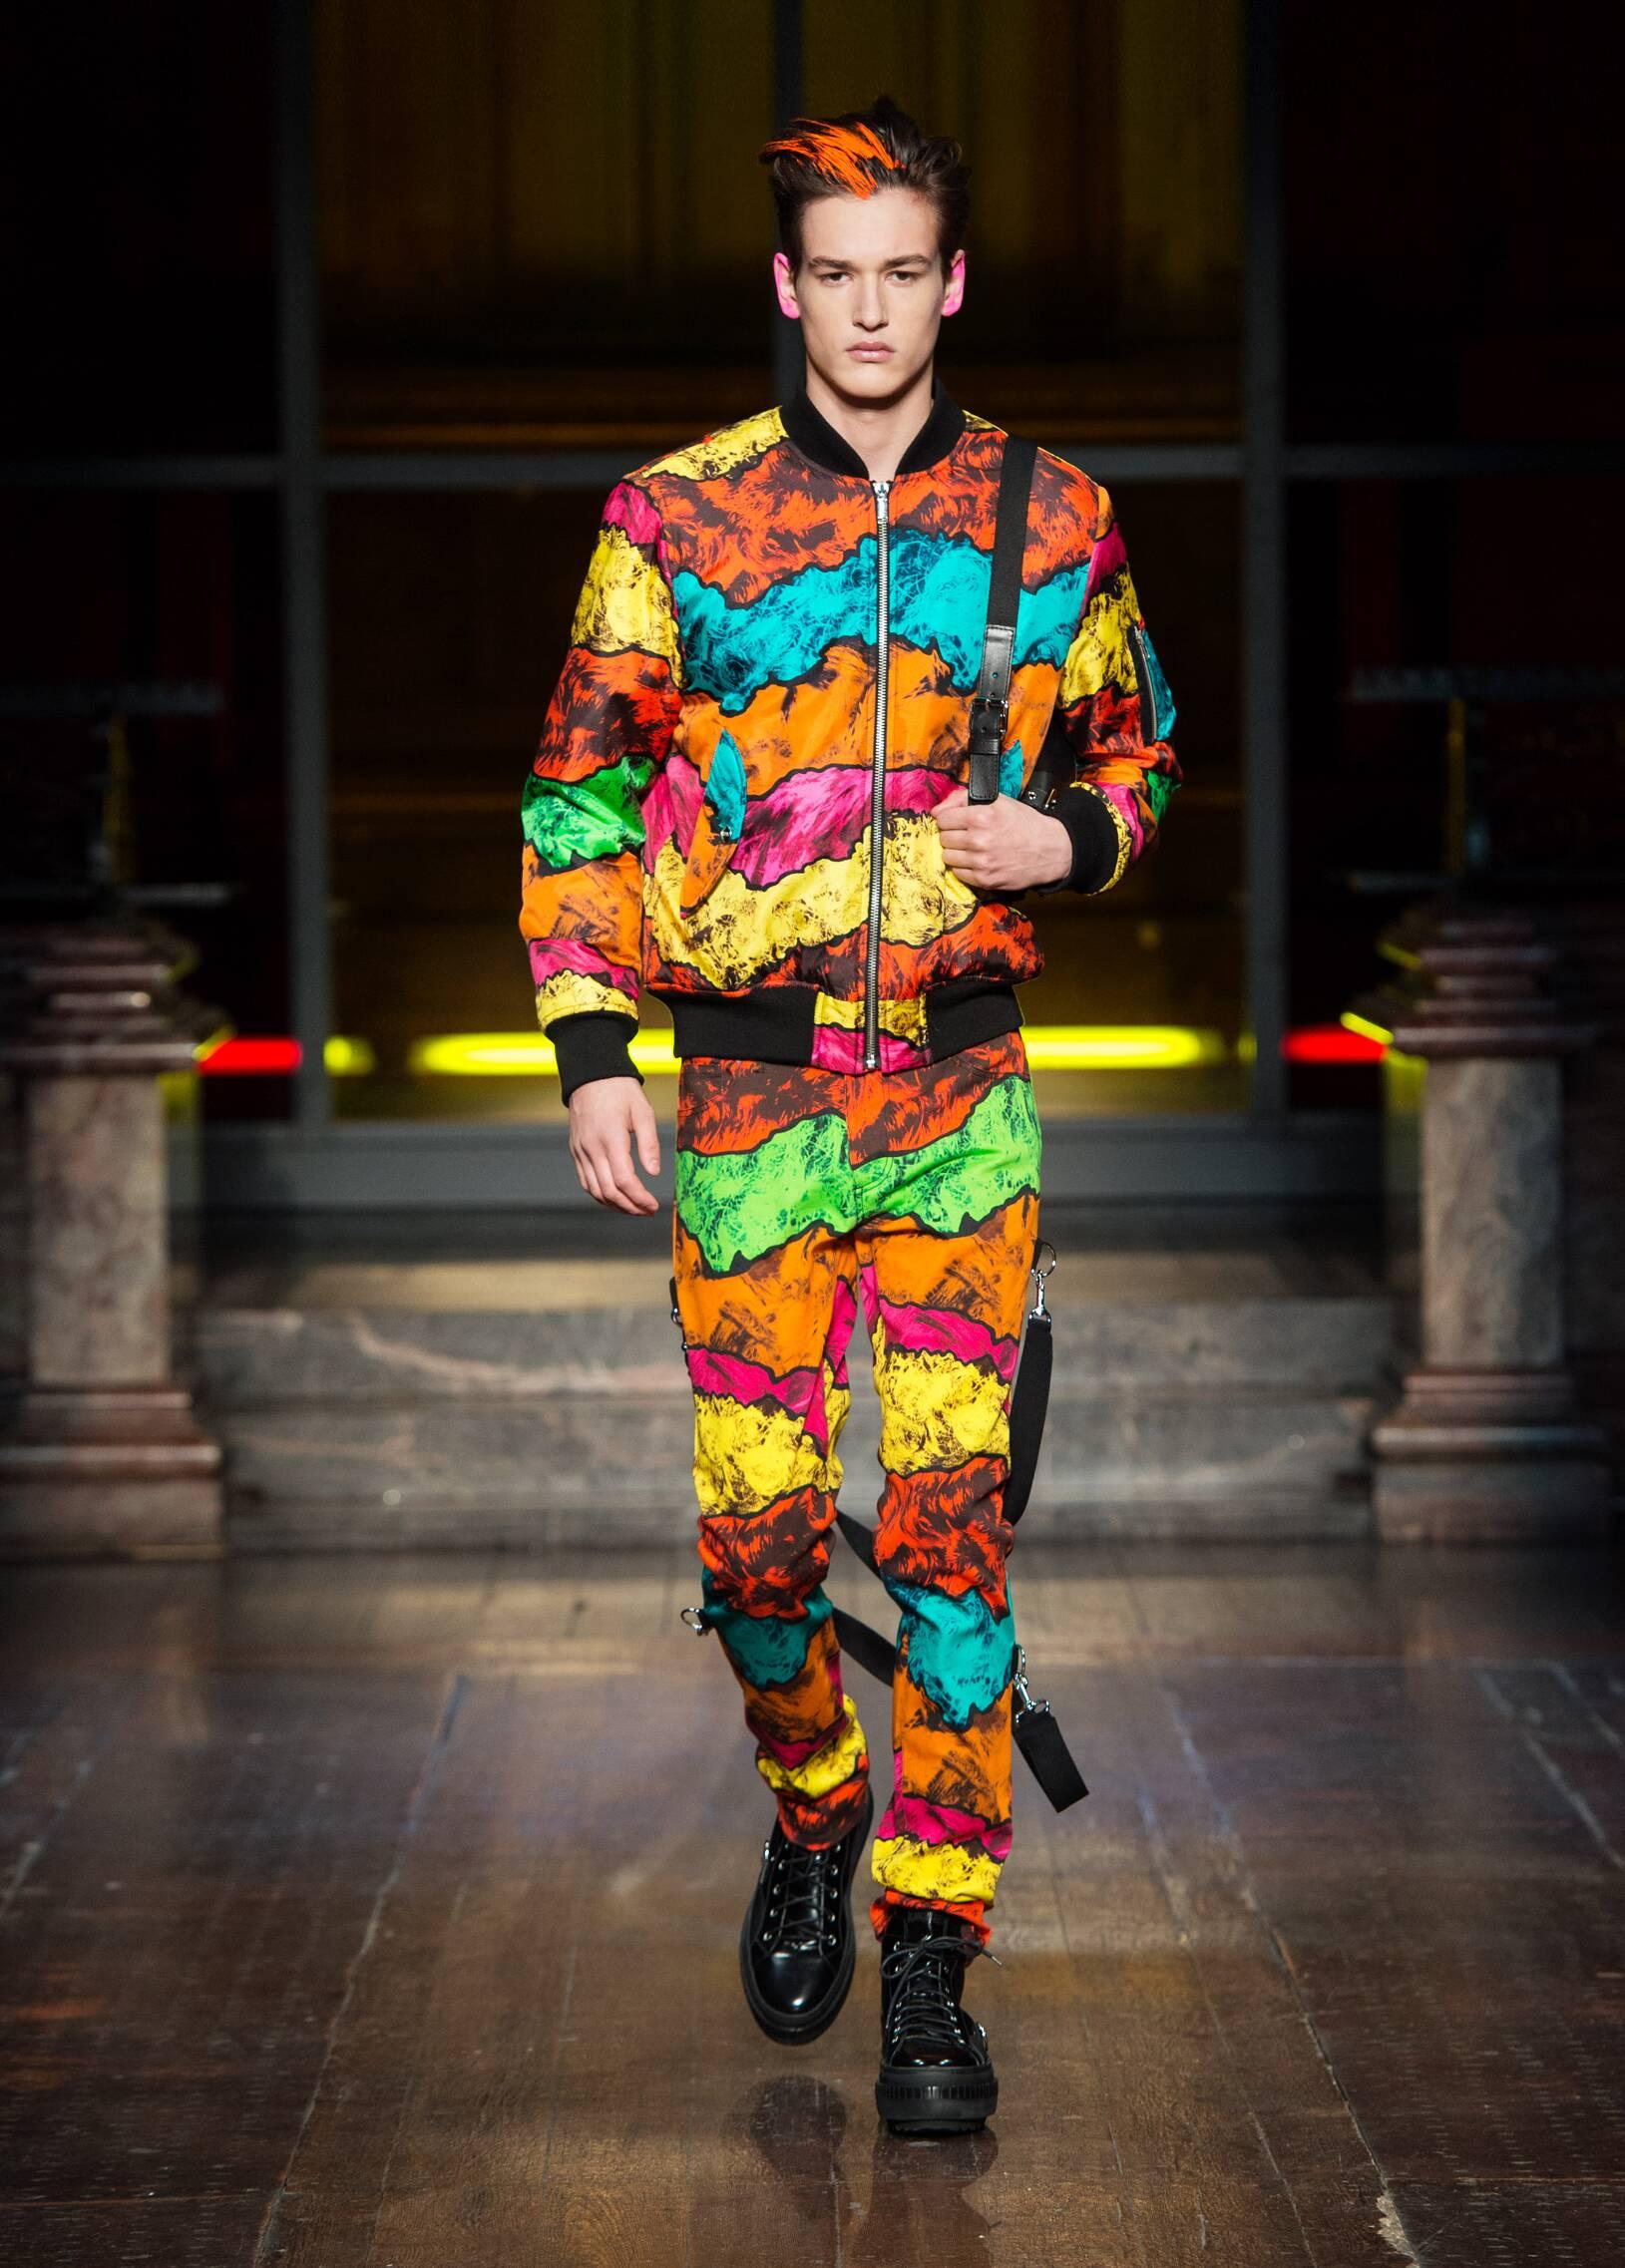 Moschino Fashion Show London